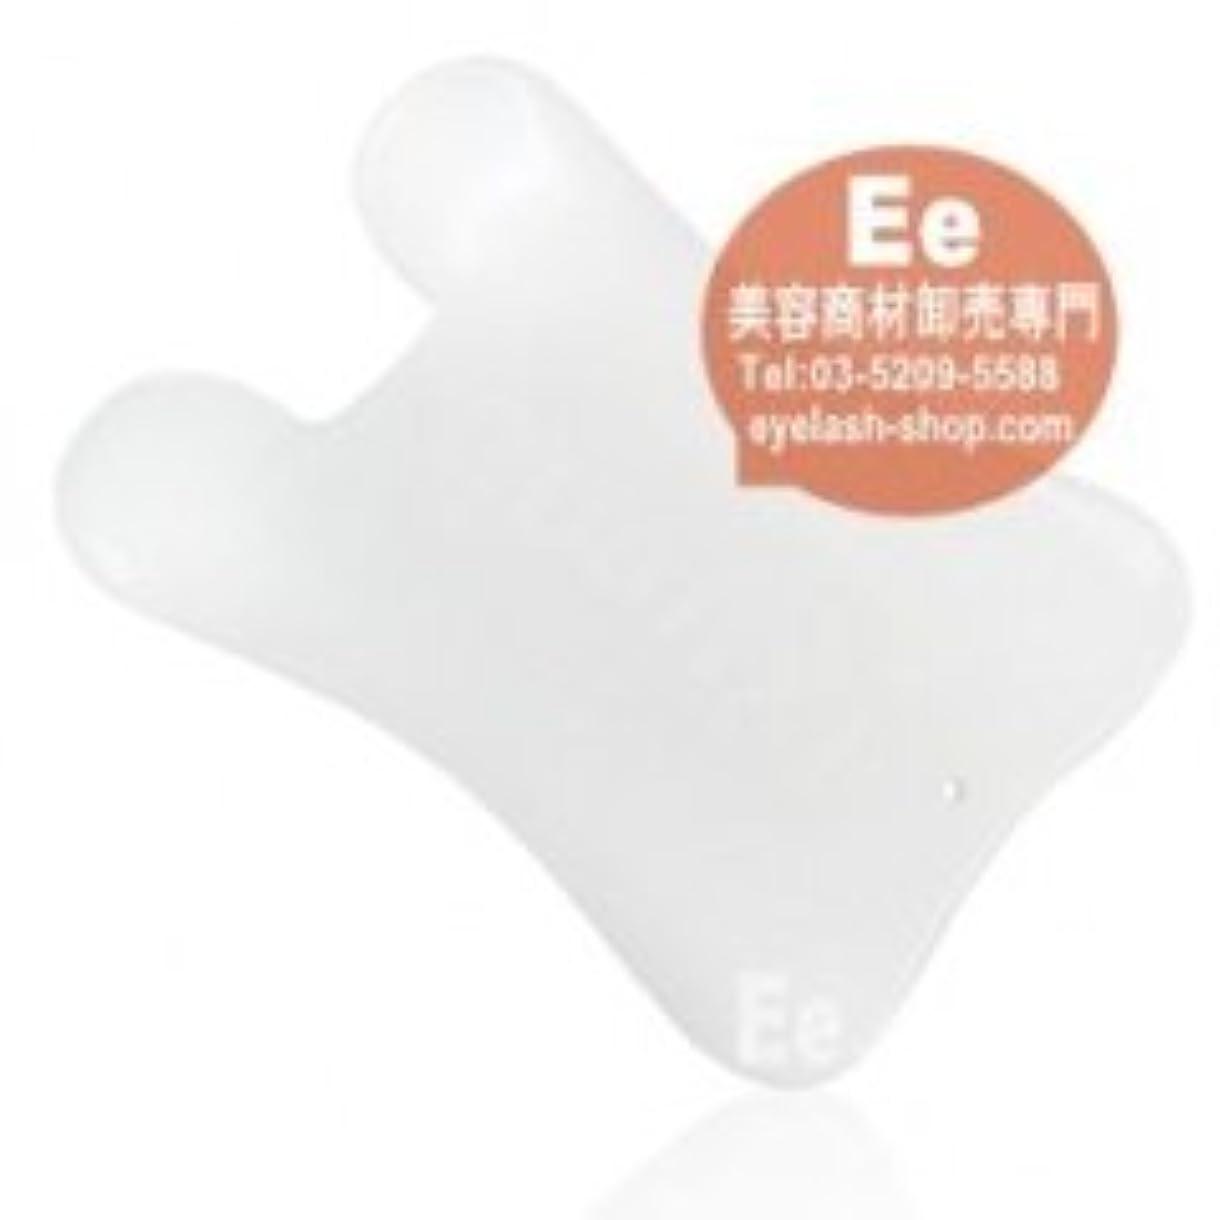 キャラクター抱擁貝殻かっさ板 天然白玉ホワイトクォーツ美容カッサプレート GYB-1